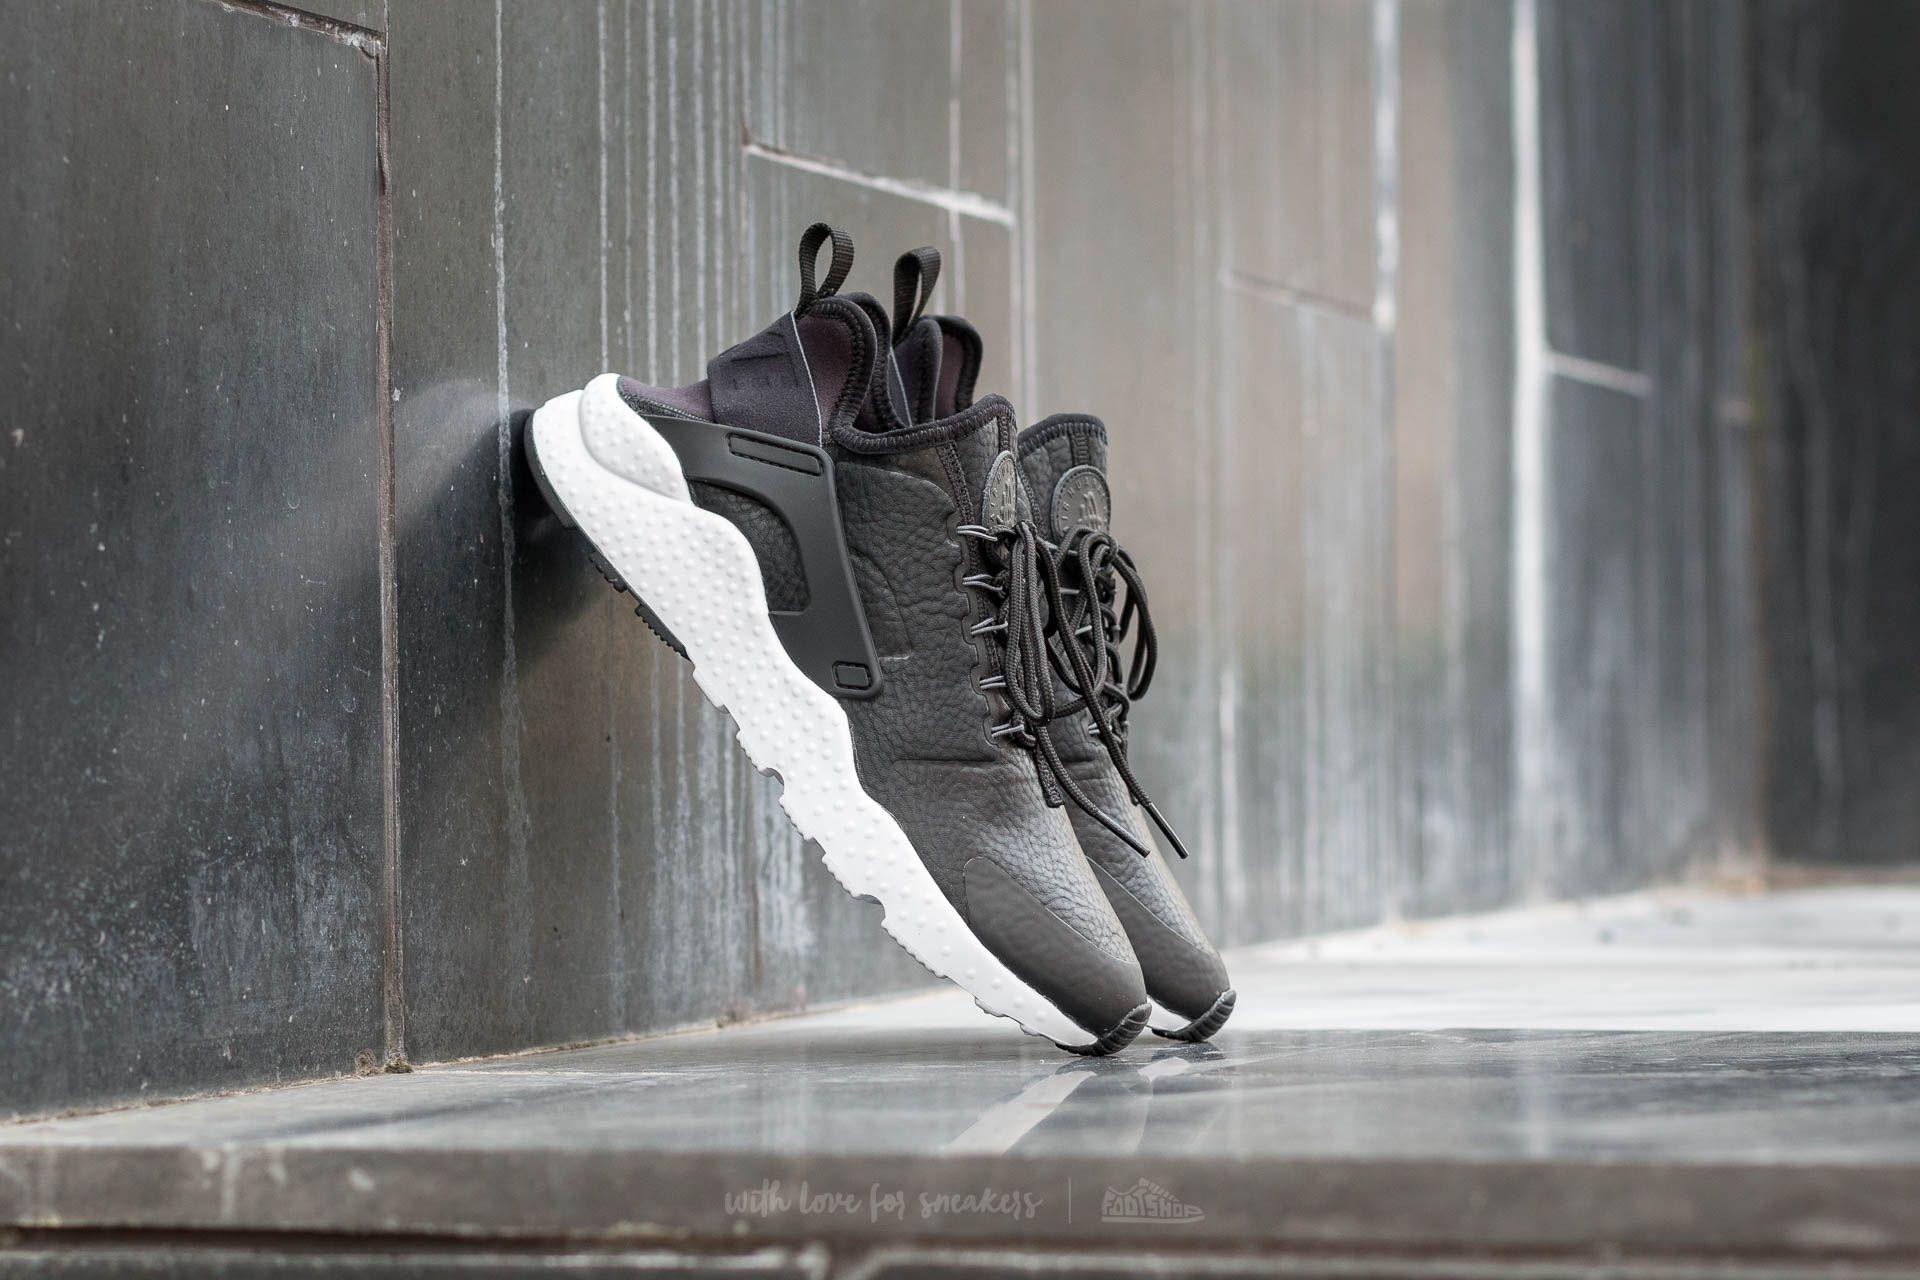 Cuña Reparador vacío  Women's shoes Nike W Air Huarache Run Ultra Premium Black/ Dark Grey-White  | Footshop